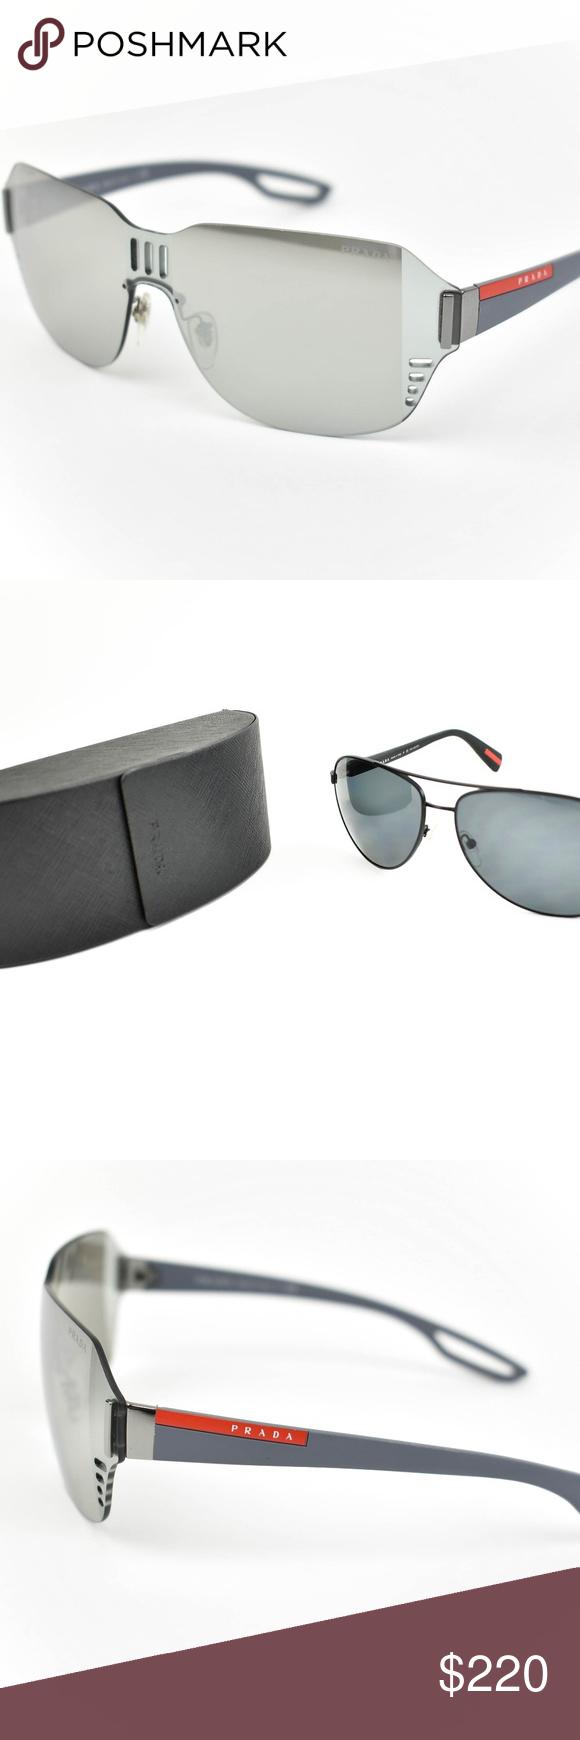 08219a5919a PRADA Gray Shield  amp  Logo Mirrored Sunglasses nq PRADA